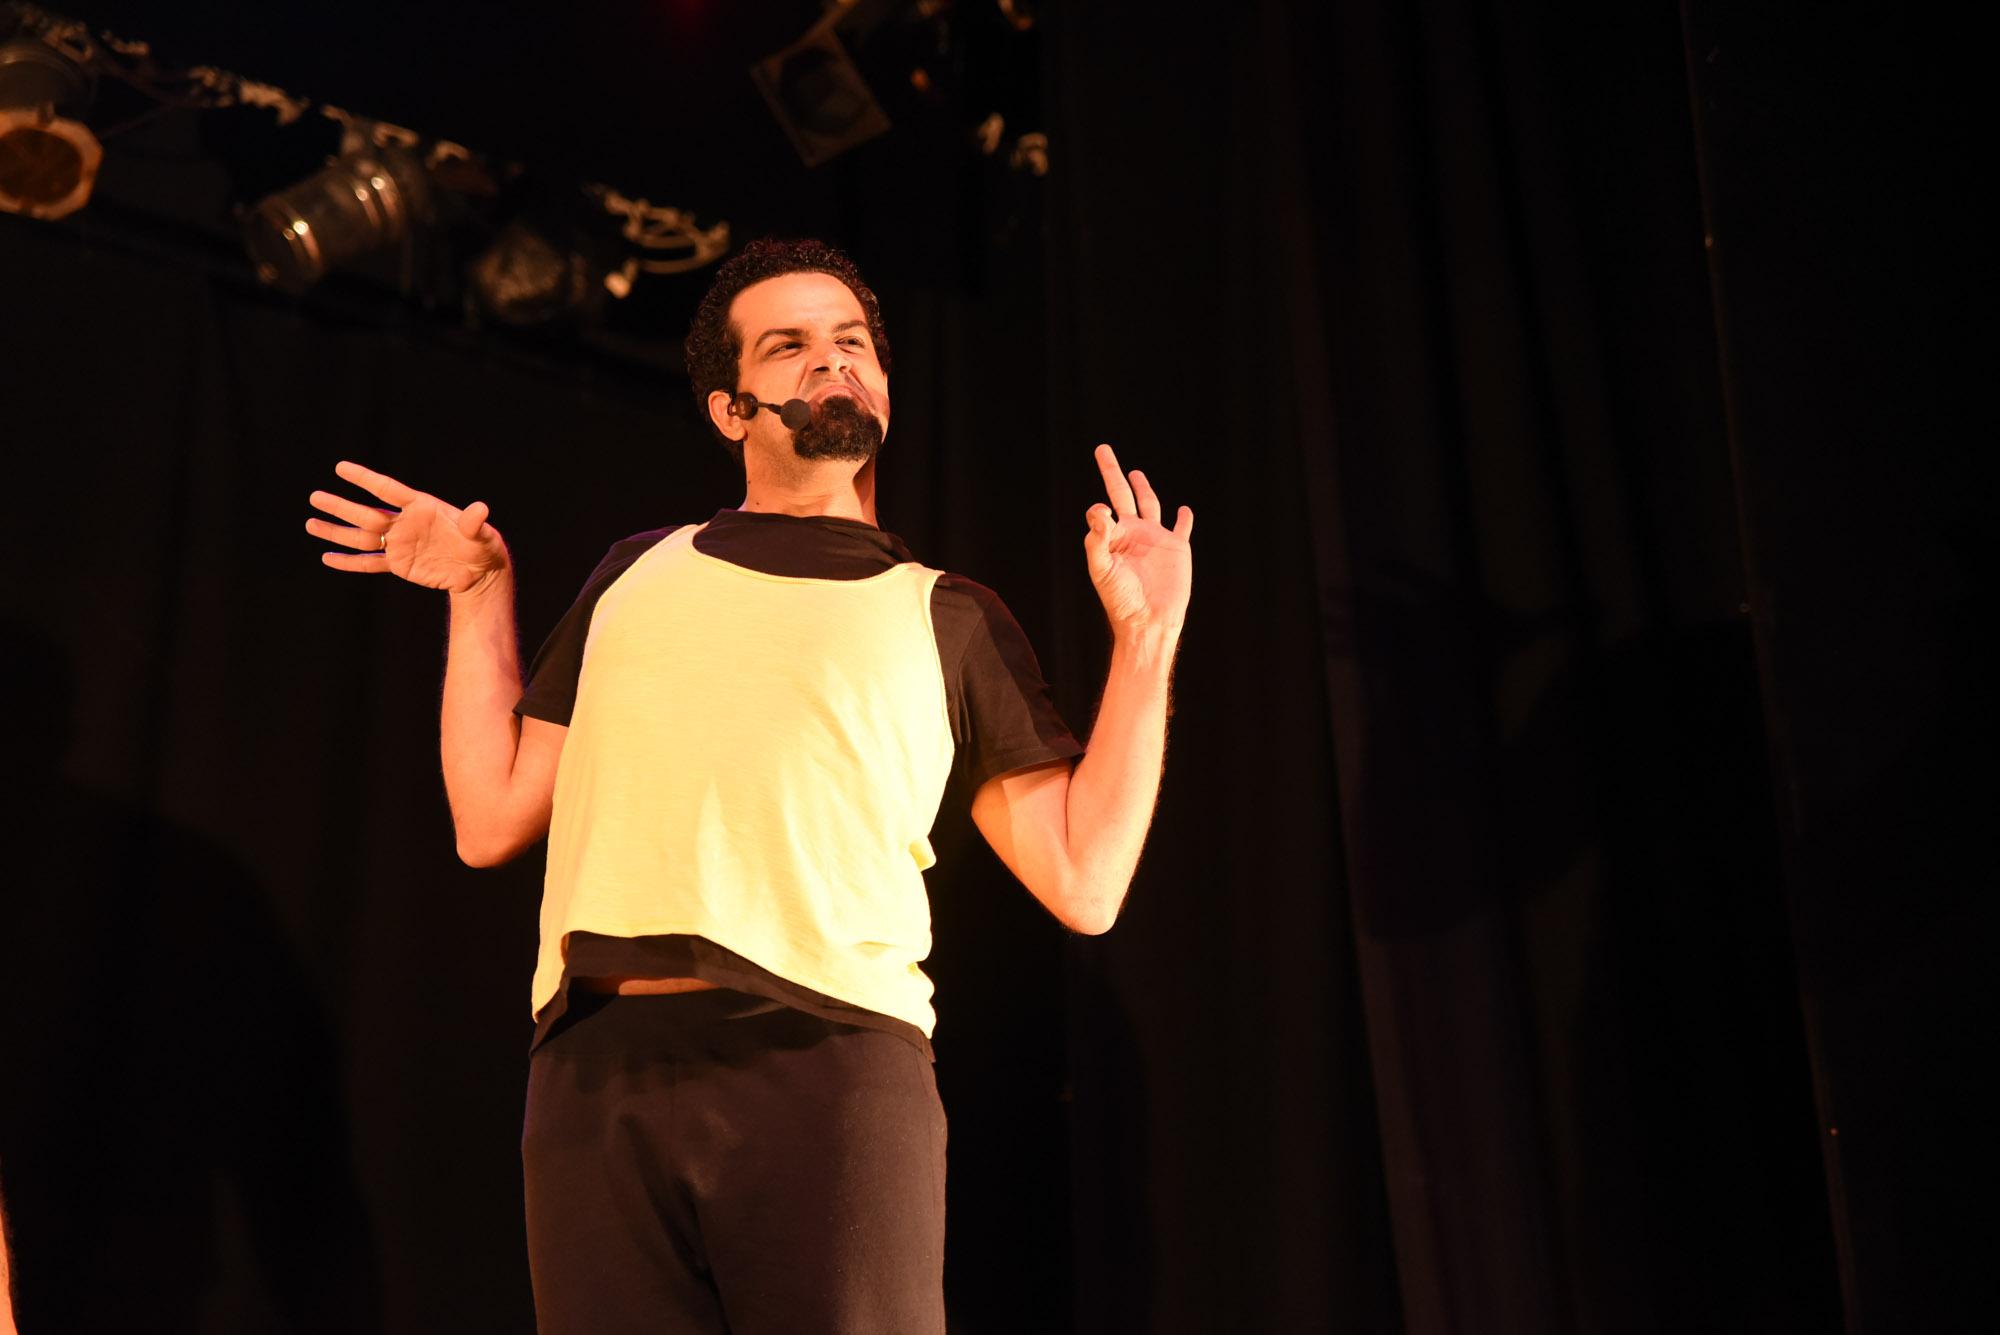 """Ingresso para o """"Live Comedy"""" com Victor Alen e Cia de Humor 4&Meio no Teatro da Livraria Cultura. A entrada é gratuita, gere o seu cupom e mostre na bilheteria!"""